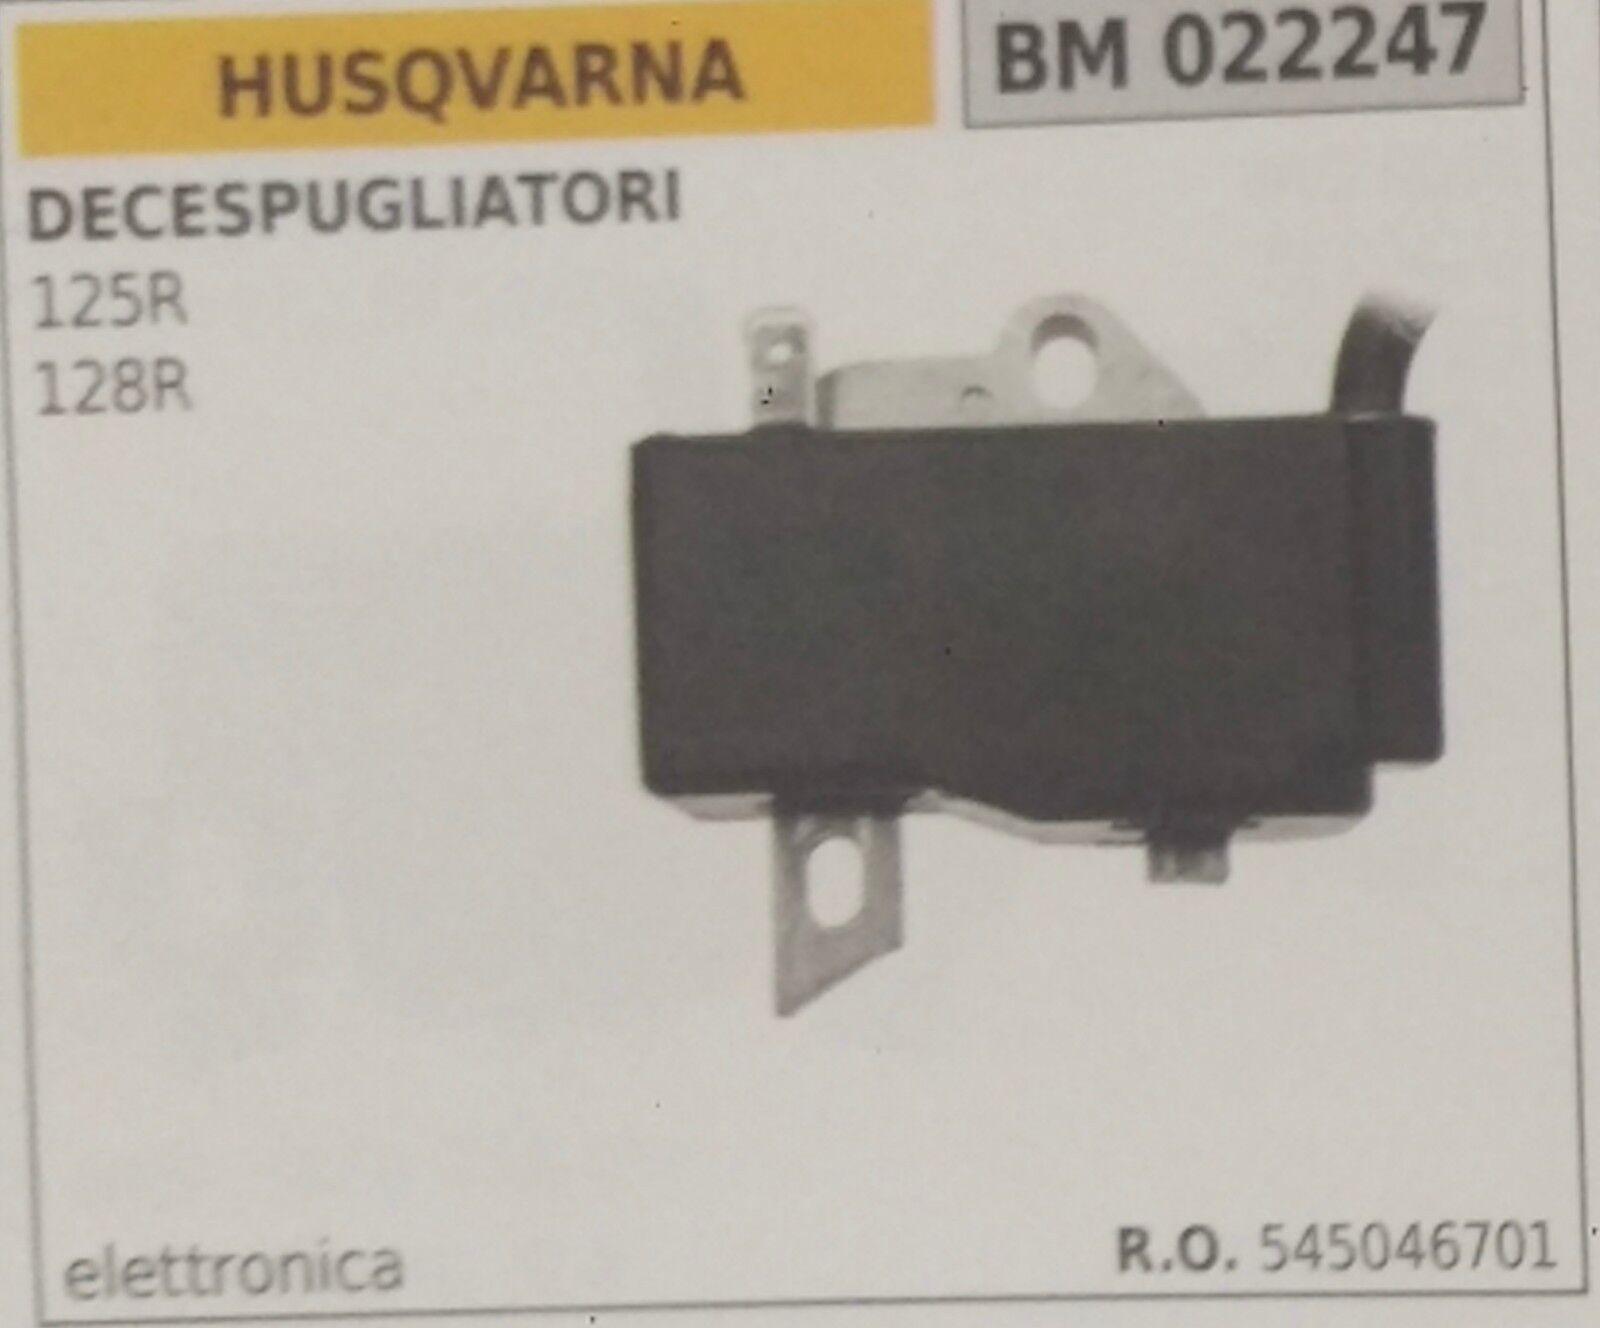 545046701 Bobina Electrónica Cortador de Cepillo Husqvarna 125R 128R